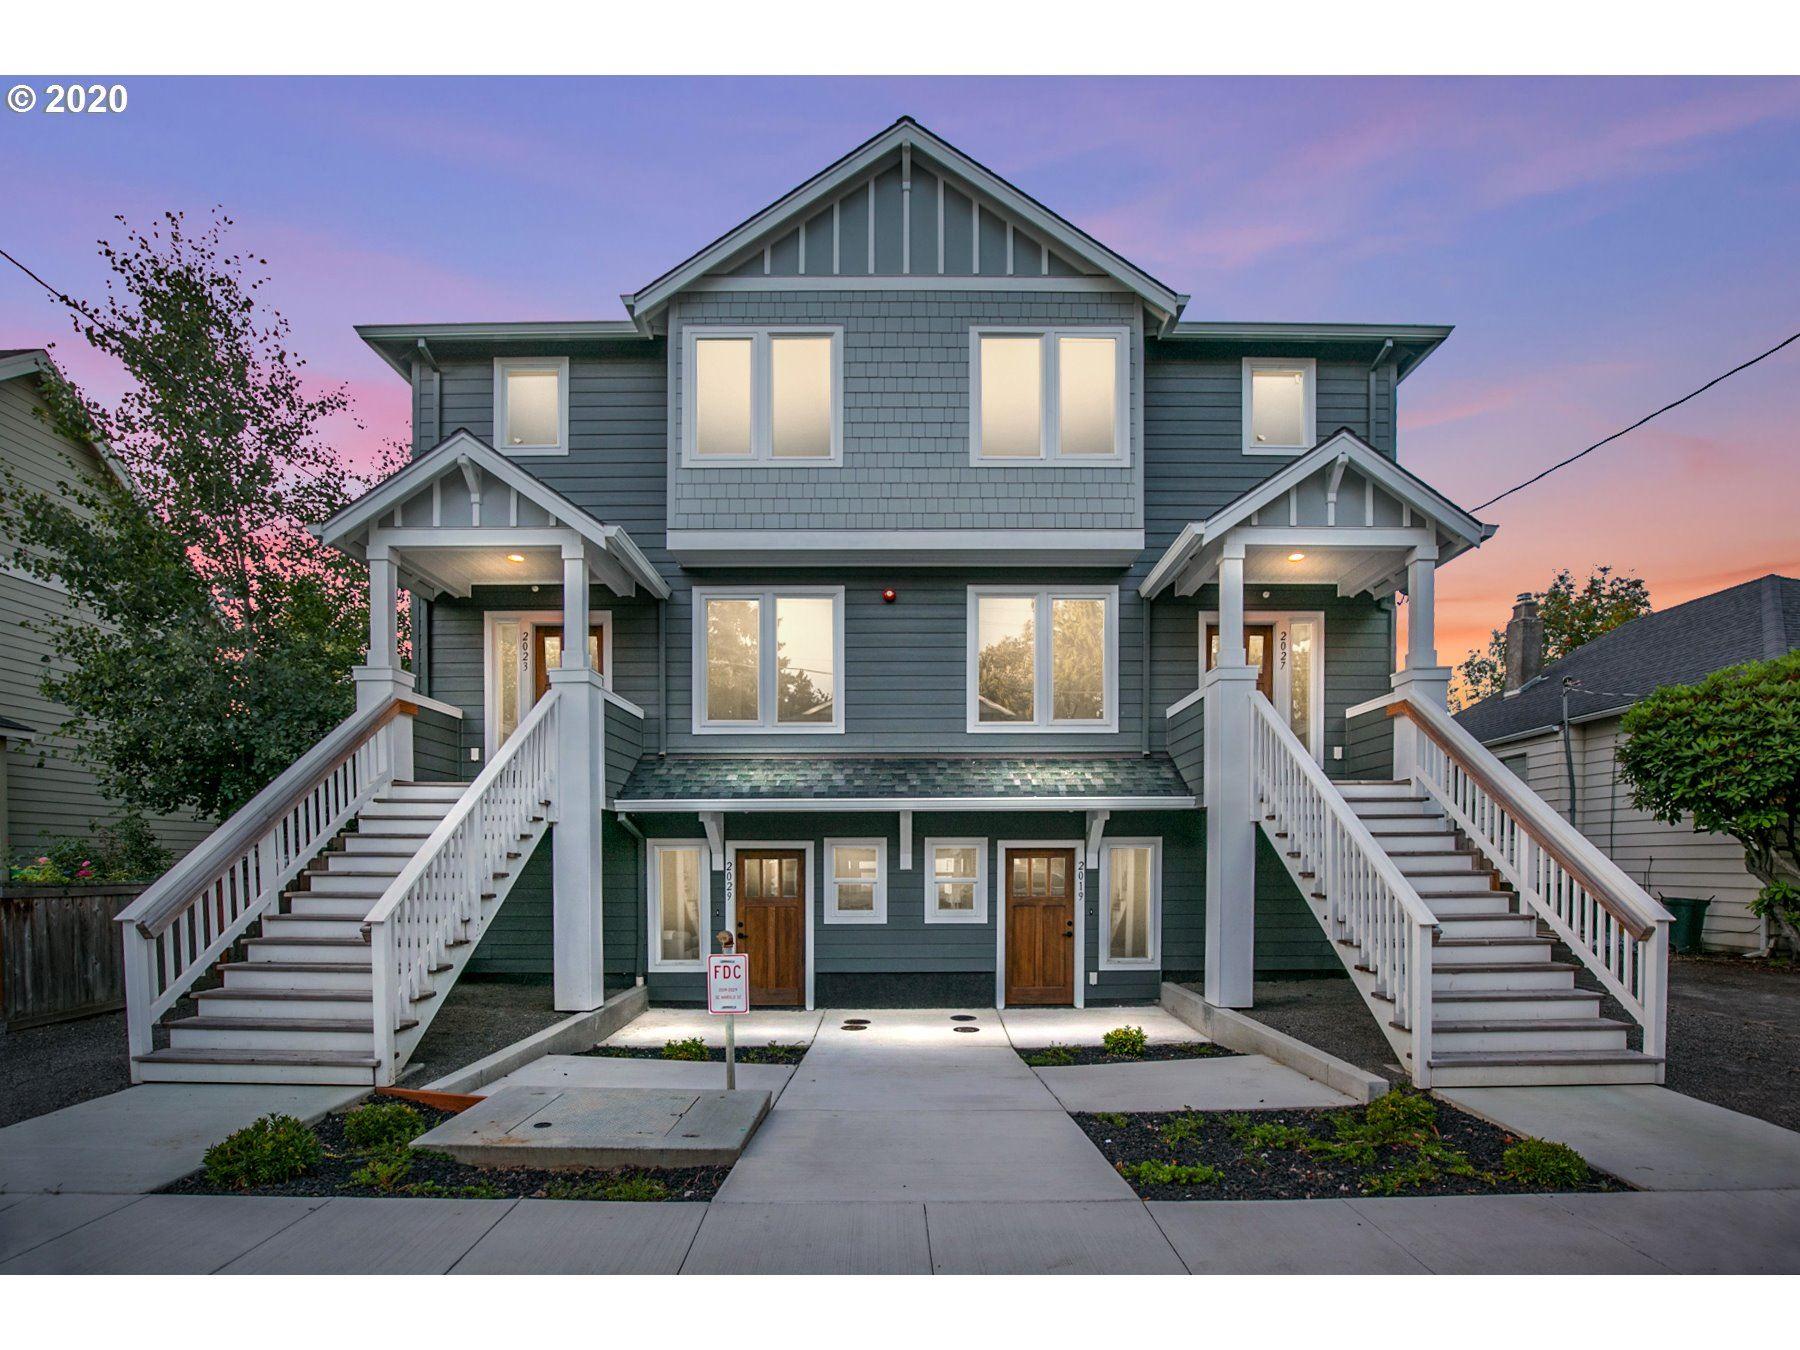 7675 N Westanna AVE, Portland, OR 97203 - MLS#: 19044577